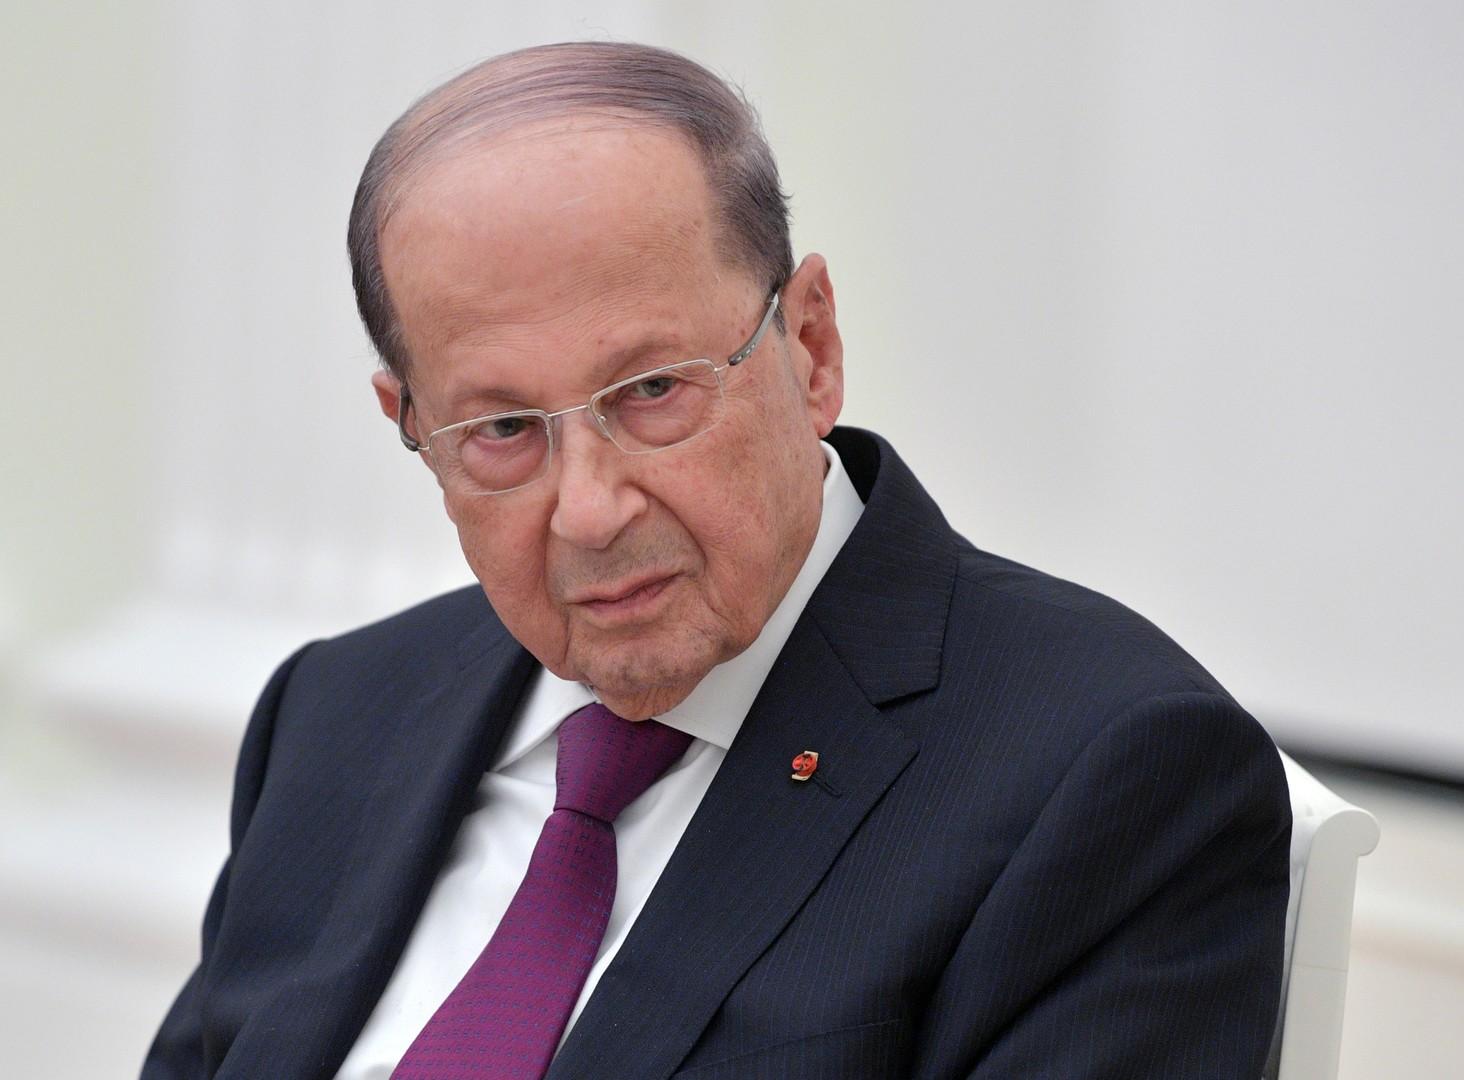 لبنان يعلن تلقيه دعوة روسية لحضور محادثات أستانا المقبلة بشأن سوريا